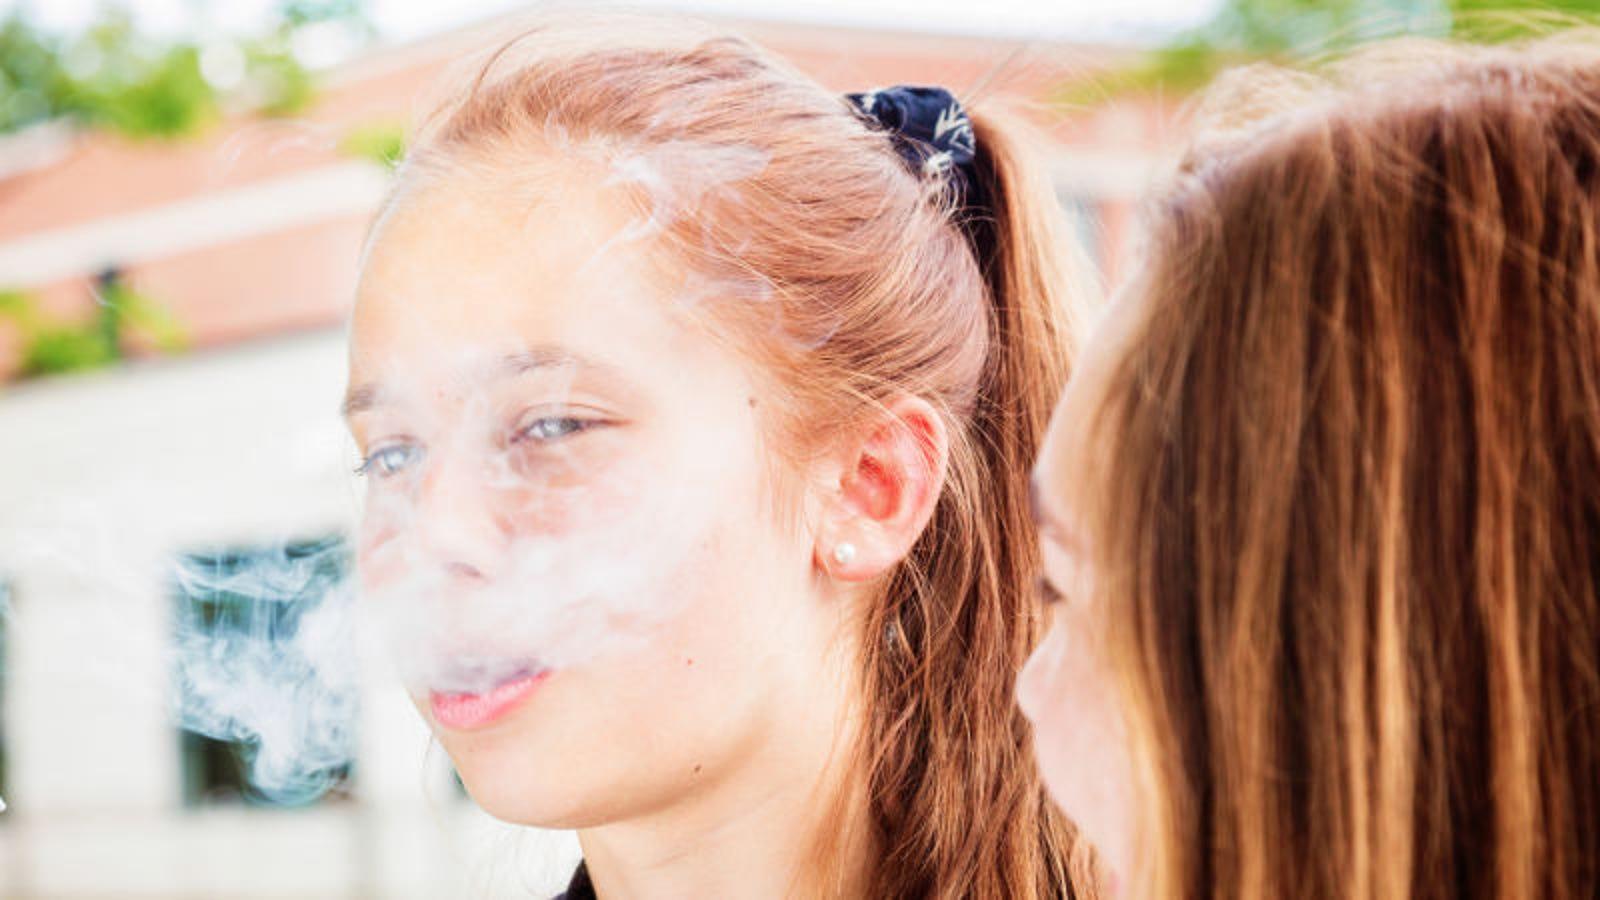 Todo lo que necesitas saber sobre el Juuling, el vapeo alto en nicotina de moda entre los adolescentes